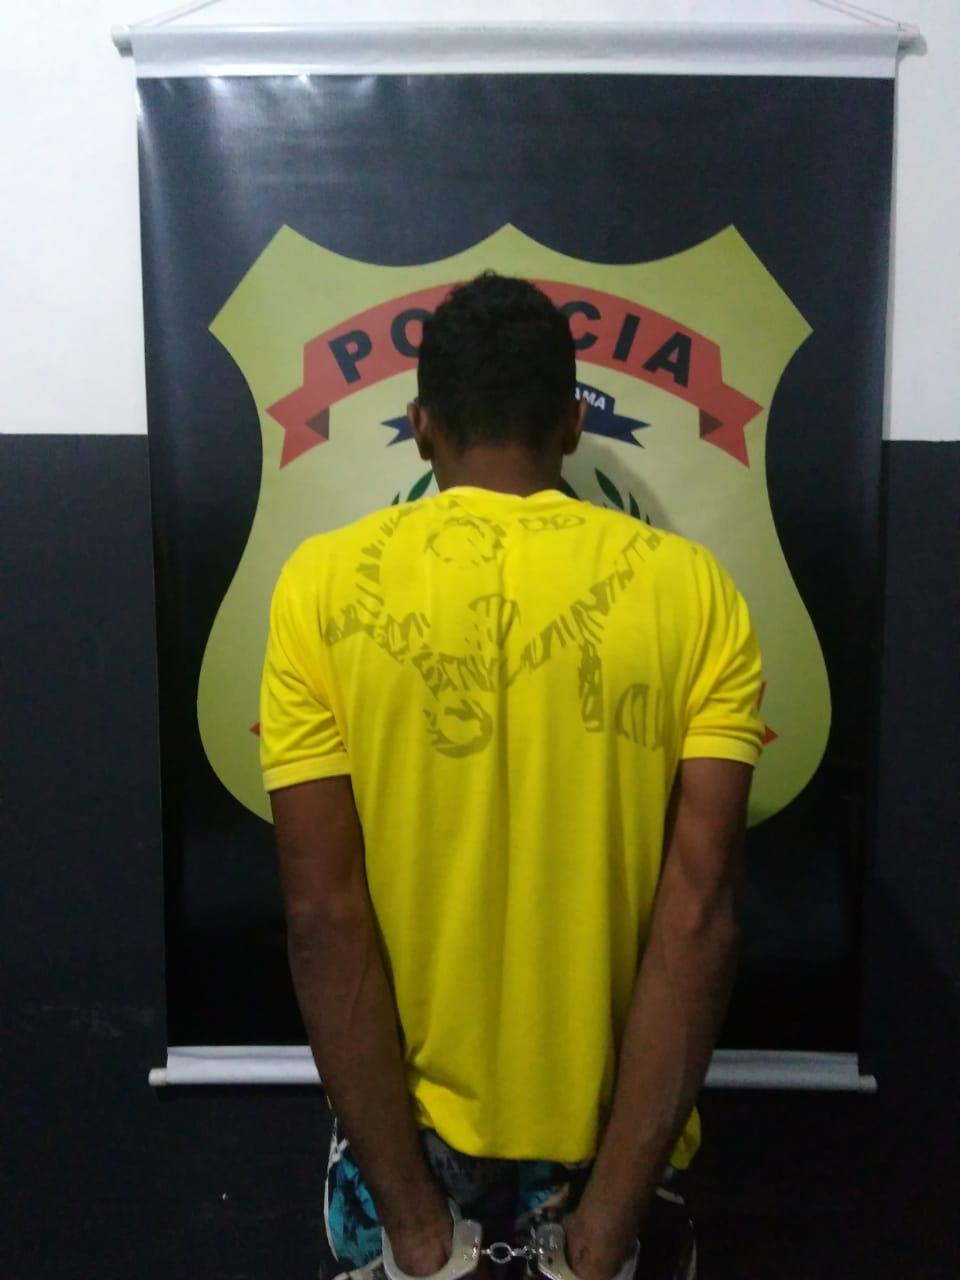 Suspeito de cometer homicídio em 2015 é preso pela Polícia Civil em Araguaína